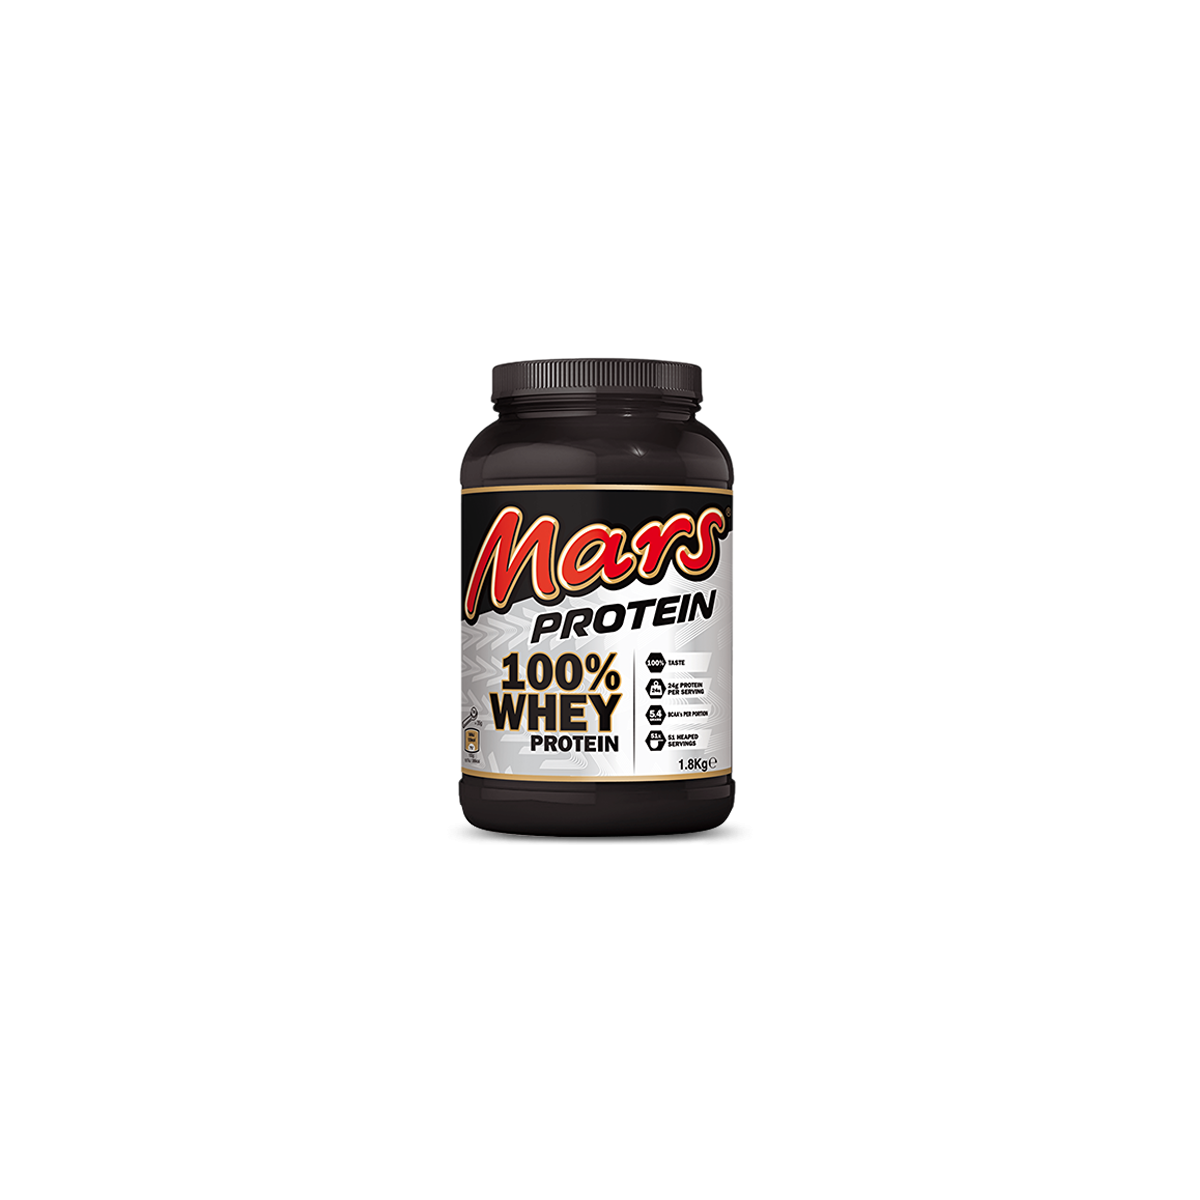 MARS PROTEIN POWDER (1,8kg)